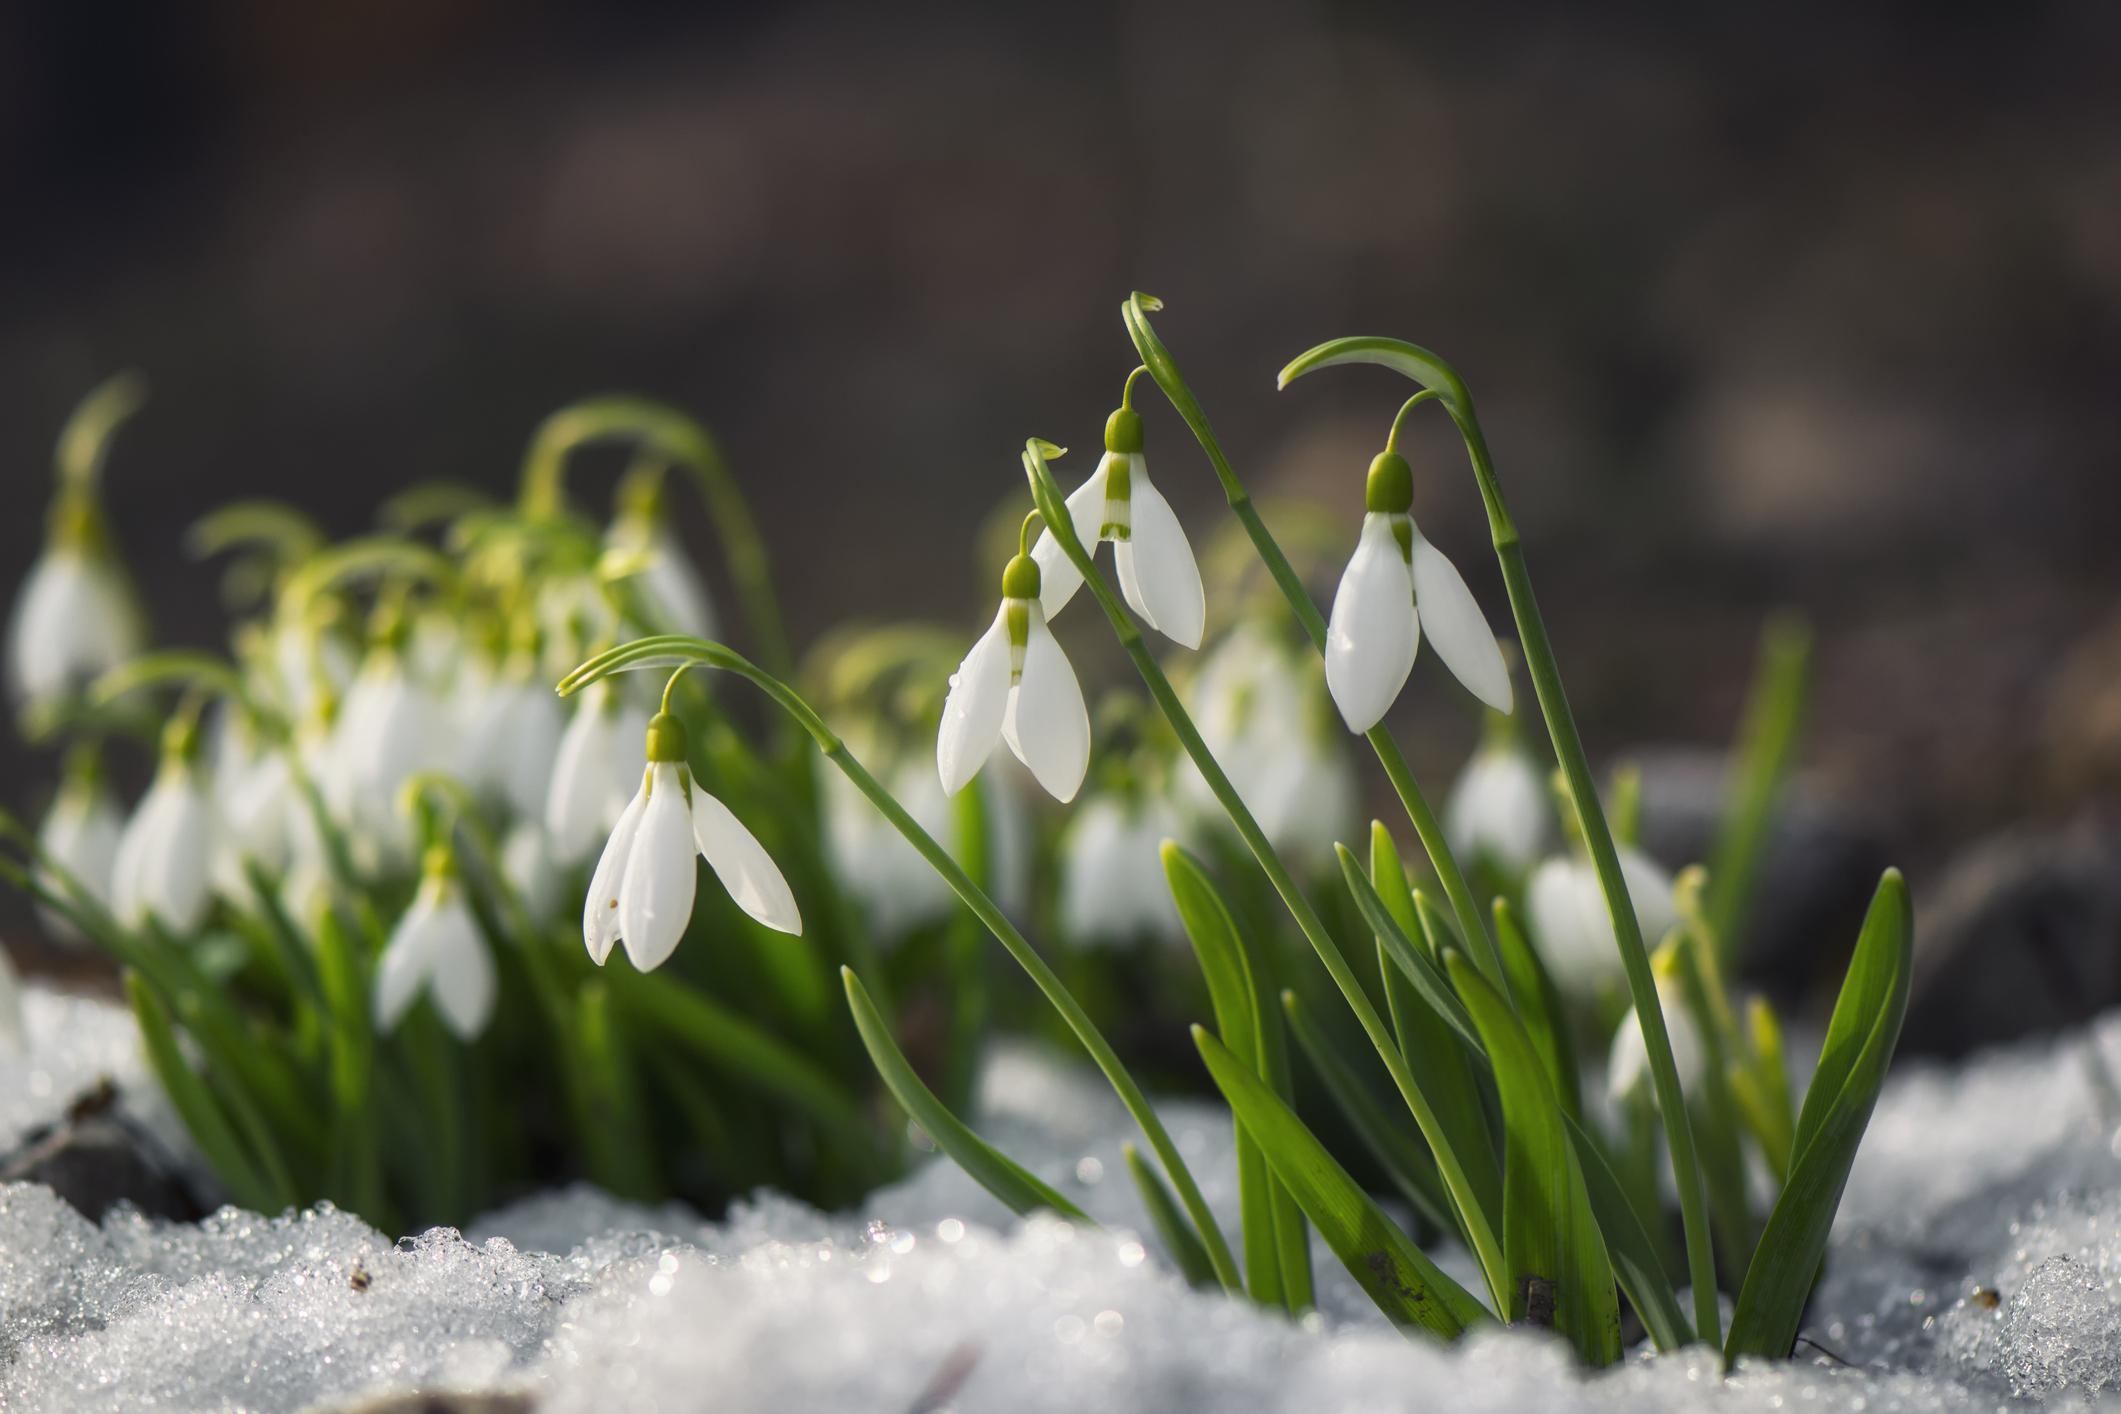 スノードロップは、雪がのこるほどの寒い時期から可愛らしい純白の花を咲かせる球根植物です。スノードロップが咲くと春が近いと言われていることから、春の使者という別名もあります。朝になると花を開き、夕方になると花を閉じます。  スノードロップは簡単に育てることができ、地植えなら特別な手入れをしなくても大丈夫です。風通しの良い明るい半日陰を好みます。耐寒性に優れた植物なので、冬の暖かい部屋などには置かないように注意しましょう。